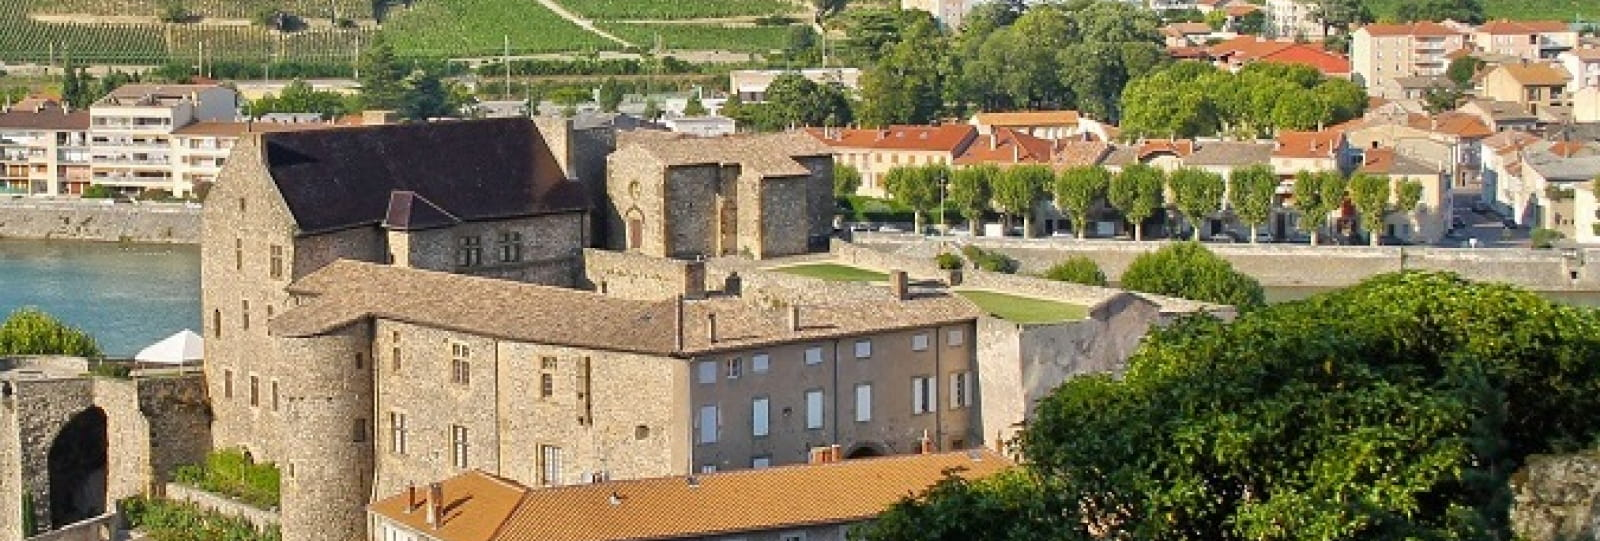 Château musée_Tournon sur Rhone